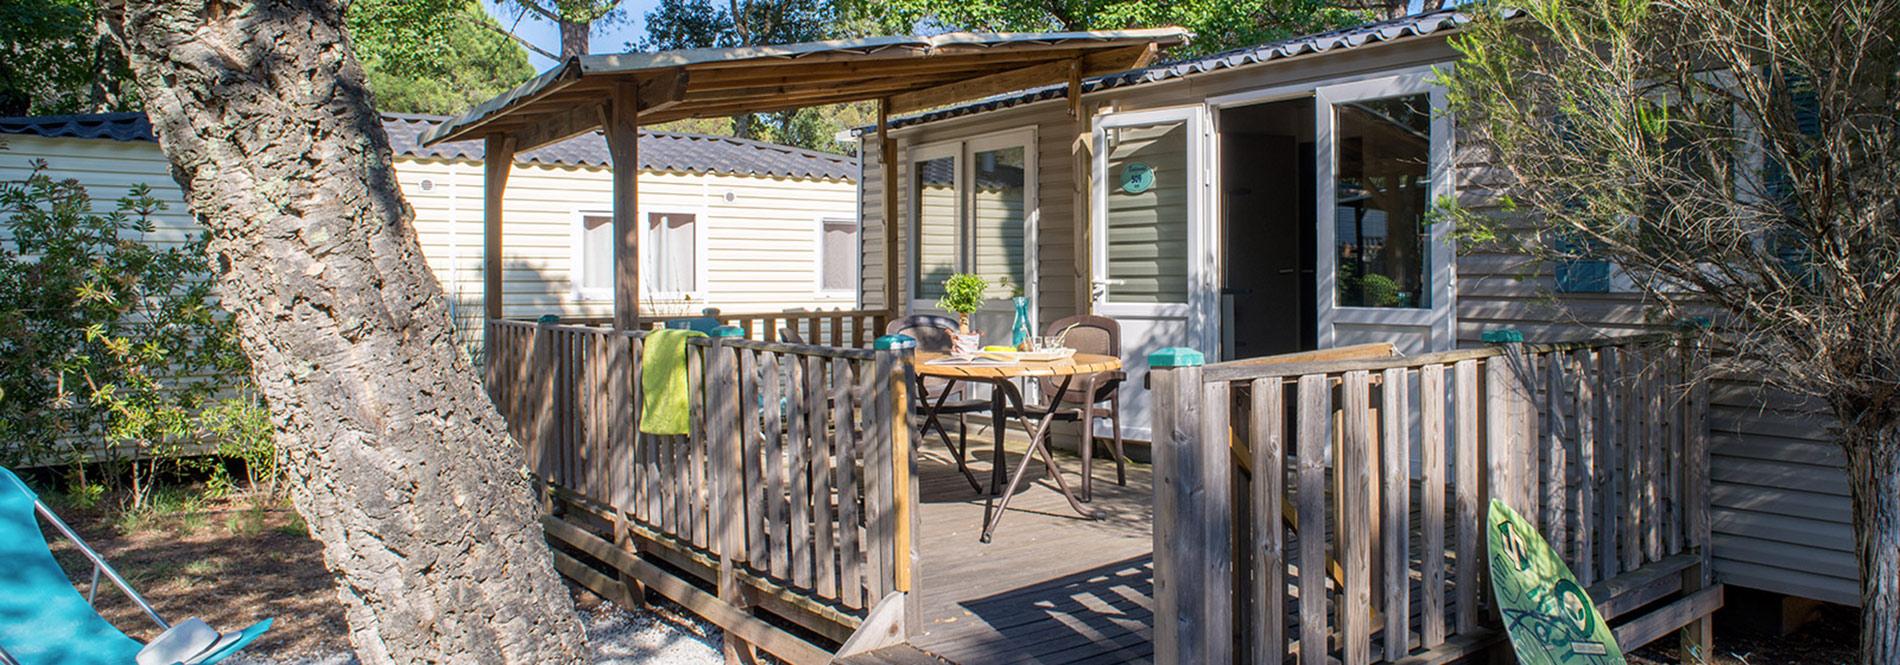 camping offre sp ciale 35 la nuit en cottage pour des vacances petit prix en camping yelloh. Black Bedroom Furniture Sets. Home Design Ideas